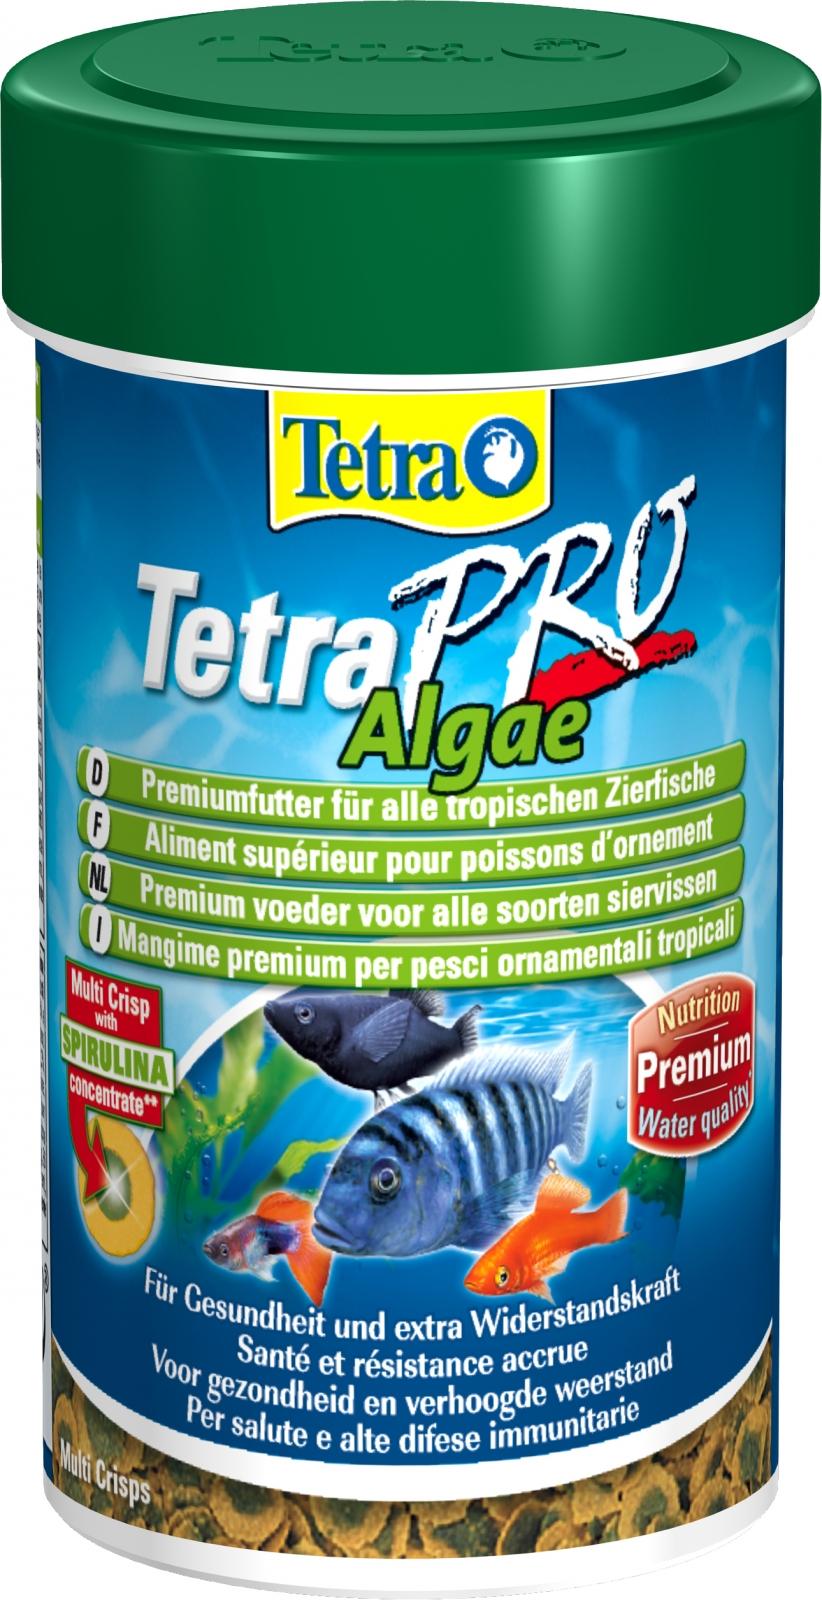 TETRA Pro Algae 100 ml aliment en chips de qualité supérieure à base d\'algues pour poissons d\'ornement herbivores